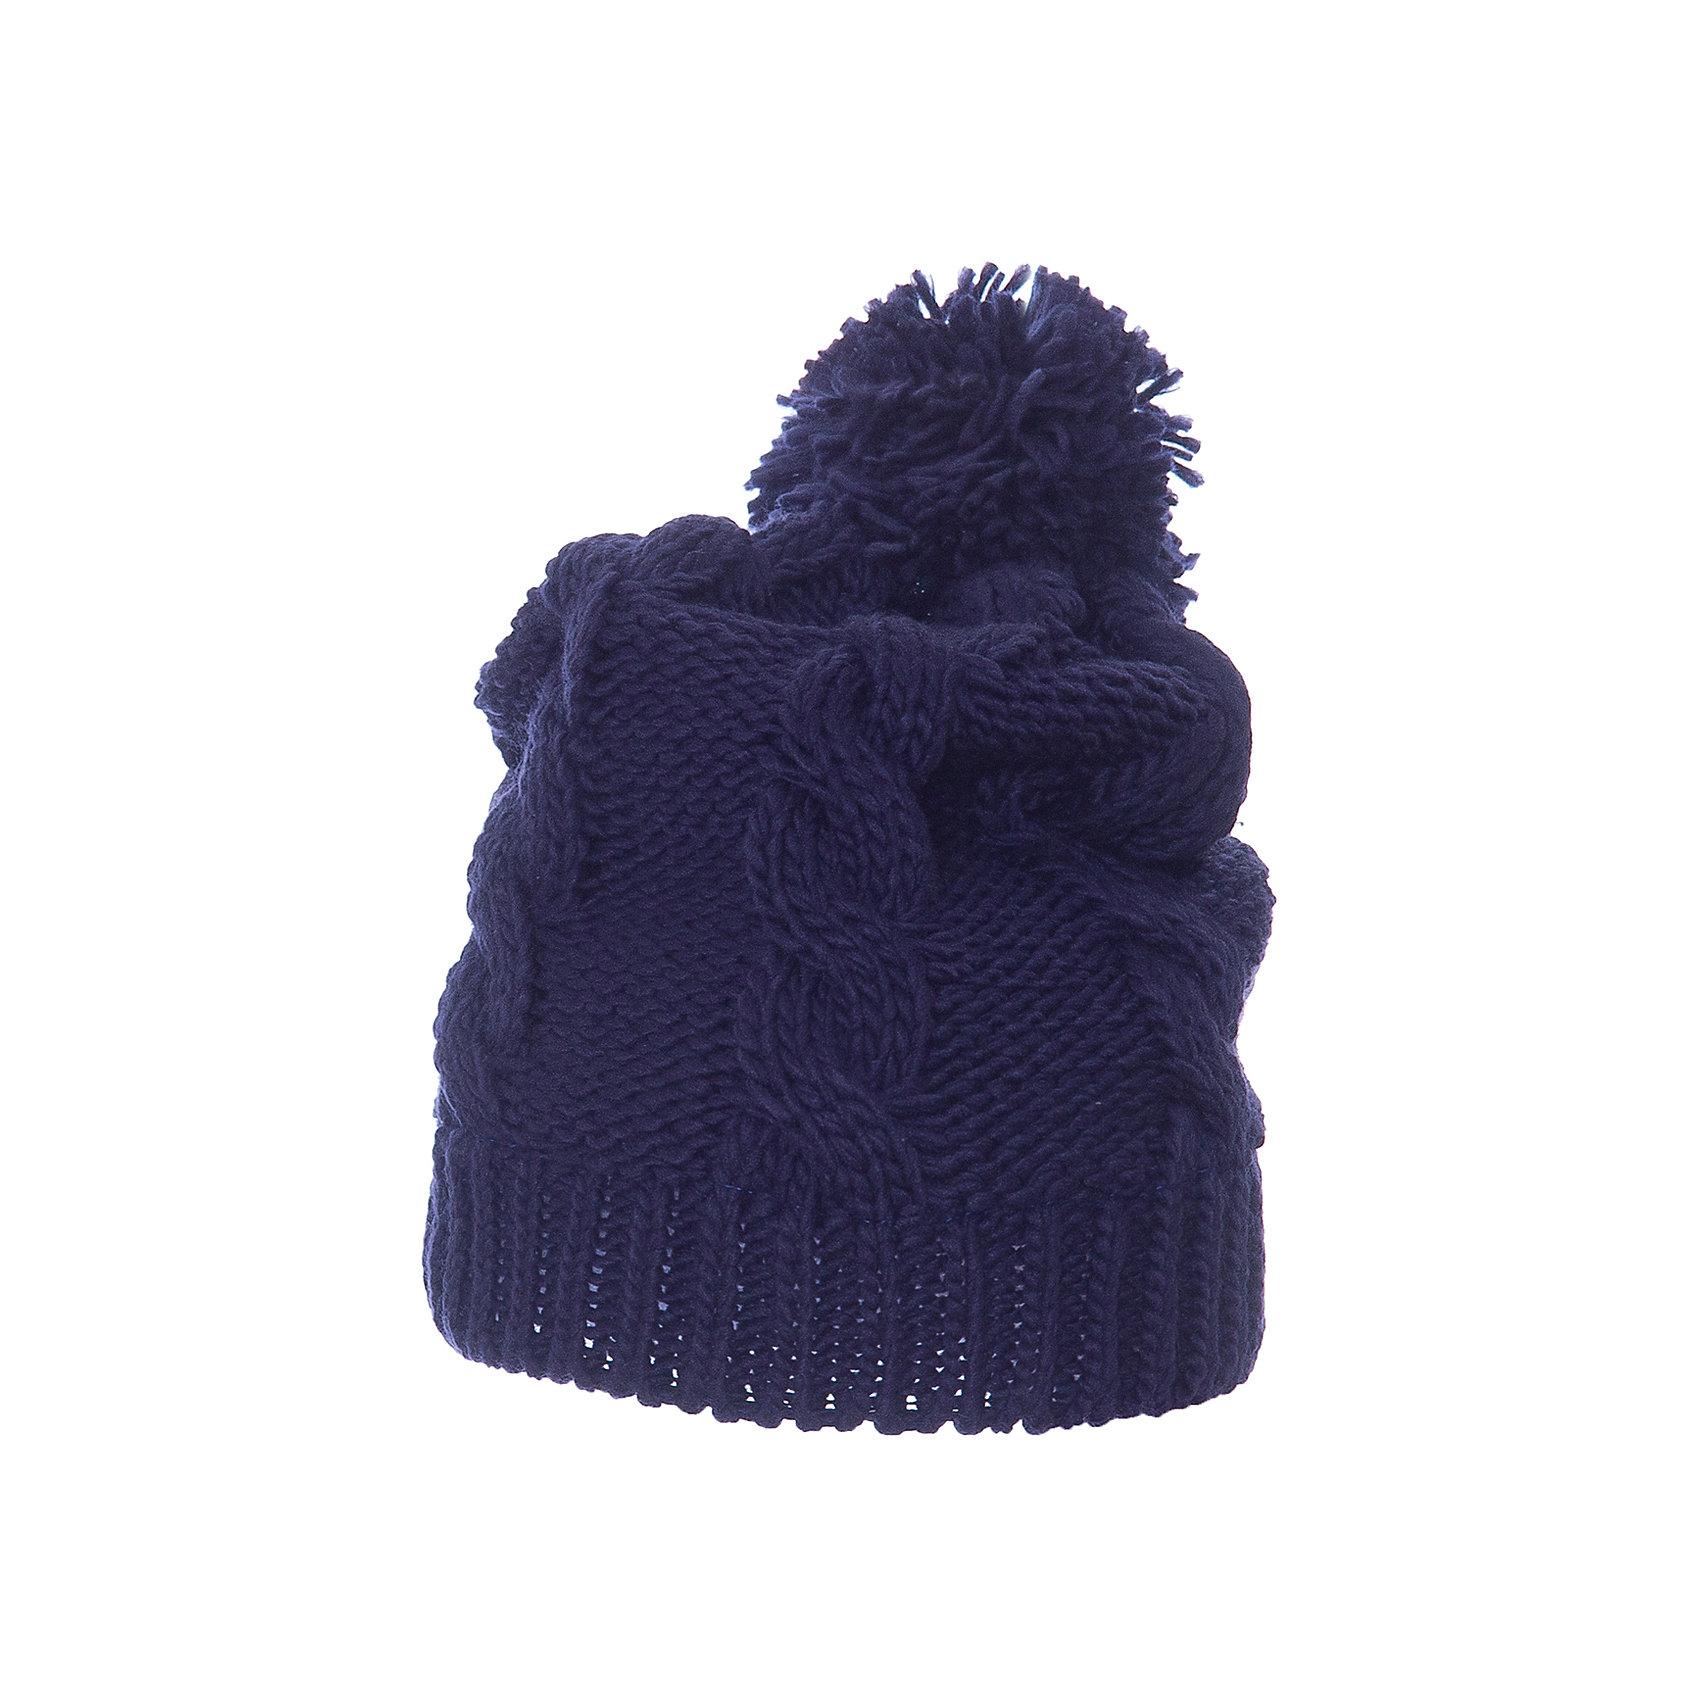 Шапка Scool для девочкиГоловные уборы<br>Шапка Scool для девочки<br>Вязаная шапка на подкладке из теплого флиса - отличное решение для прогулок в холодную погоду. Модель хорошо облегает голову и комфортна при носке. Модель декорирована эффектным помпоном.<br>Состав:<br>Верх: 100% акрил,  подкладка: 100% полиэстер<br><br>Ширина мм: 89<br>Глубина мм: 117<br>Высота мм: 44<br>Вес г: 155<br>Цвет: синий<br>Возраст от месяцев: 96<br>Возраст до месяцев: 120<br>Пол: Женский<br>Возраст: Детский<br>Размер: 56,54<br>SKU: 7105605